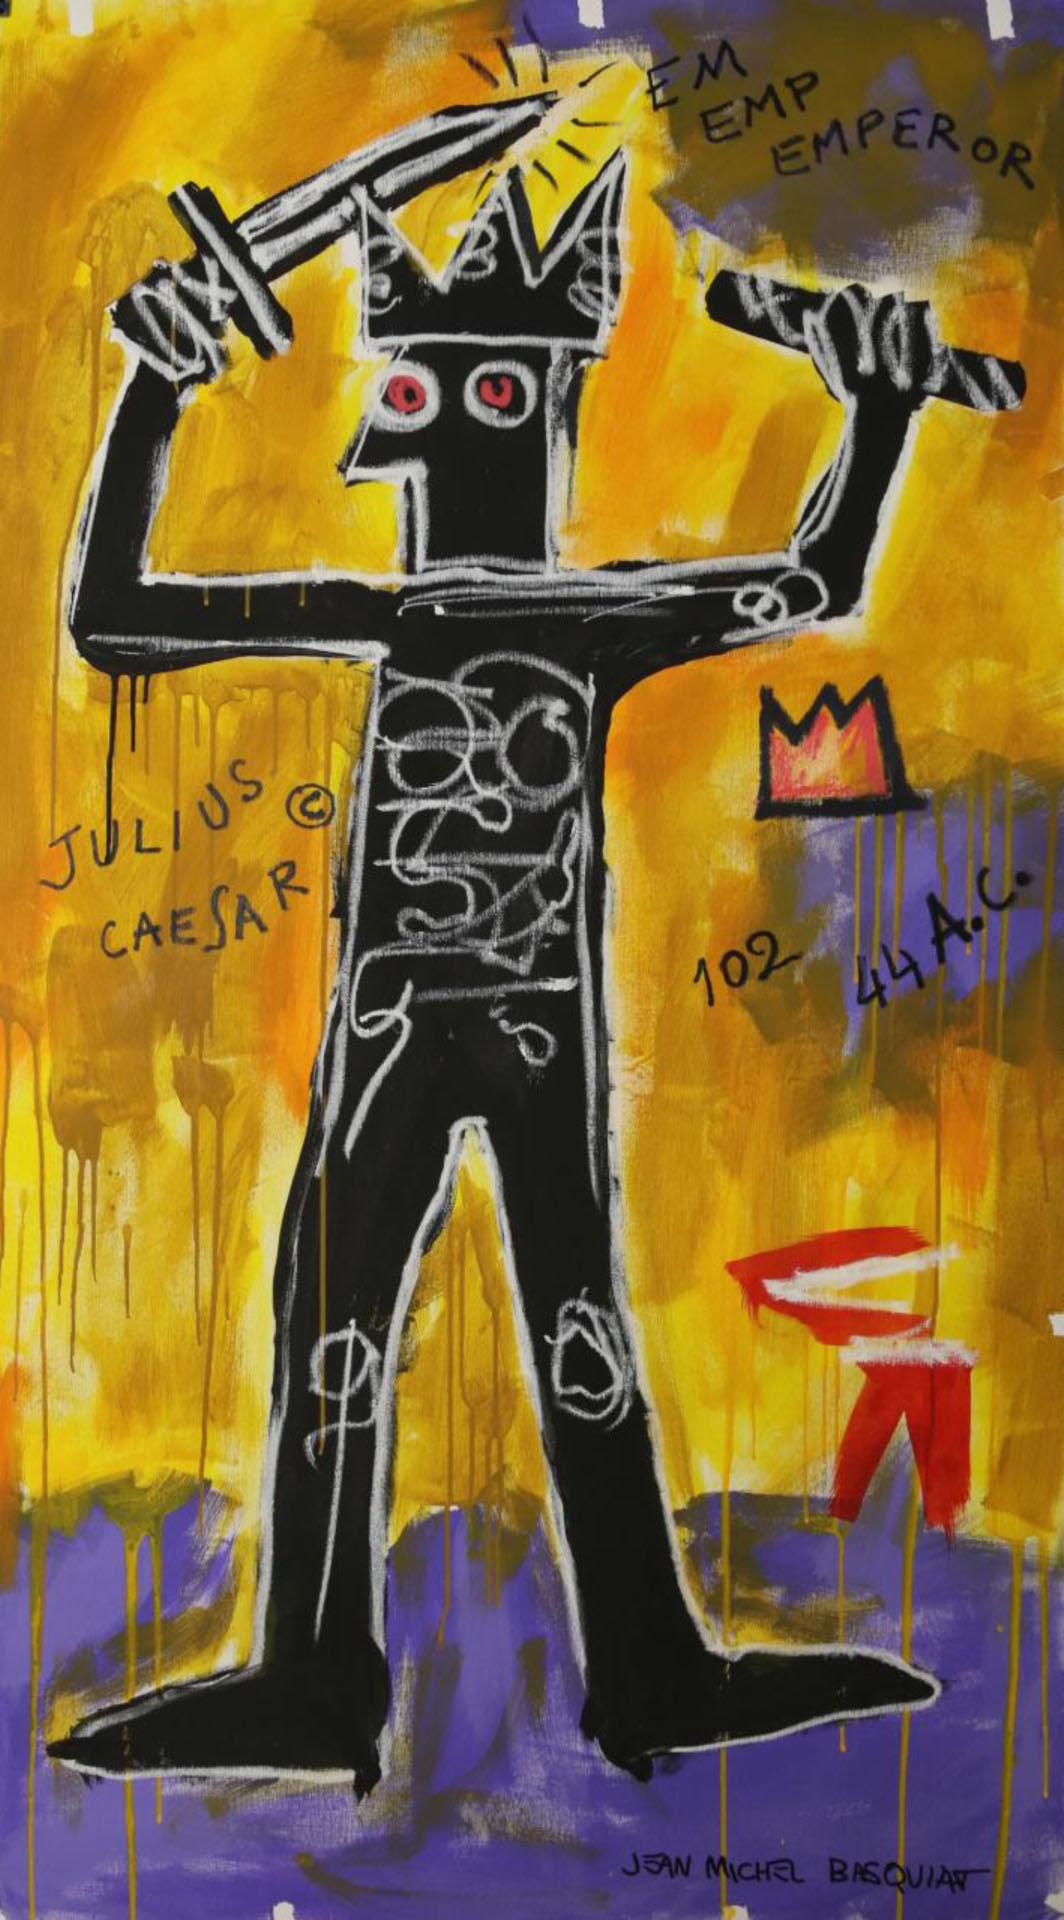 JEAN MICHAEL BASQUIAT_Julius Caesar,150x80cm